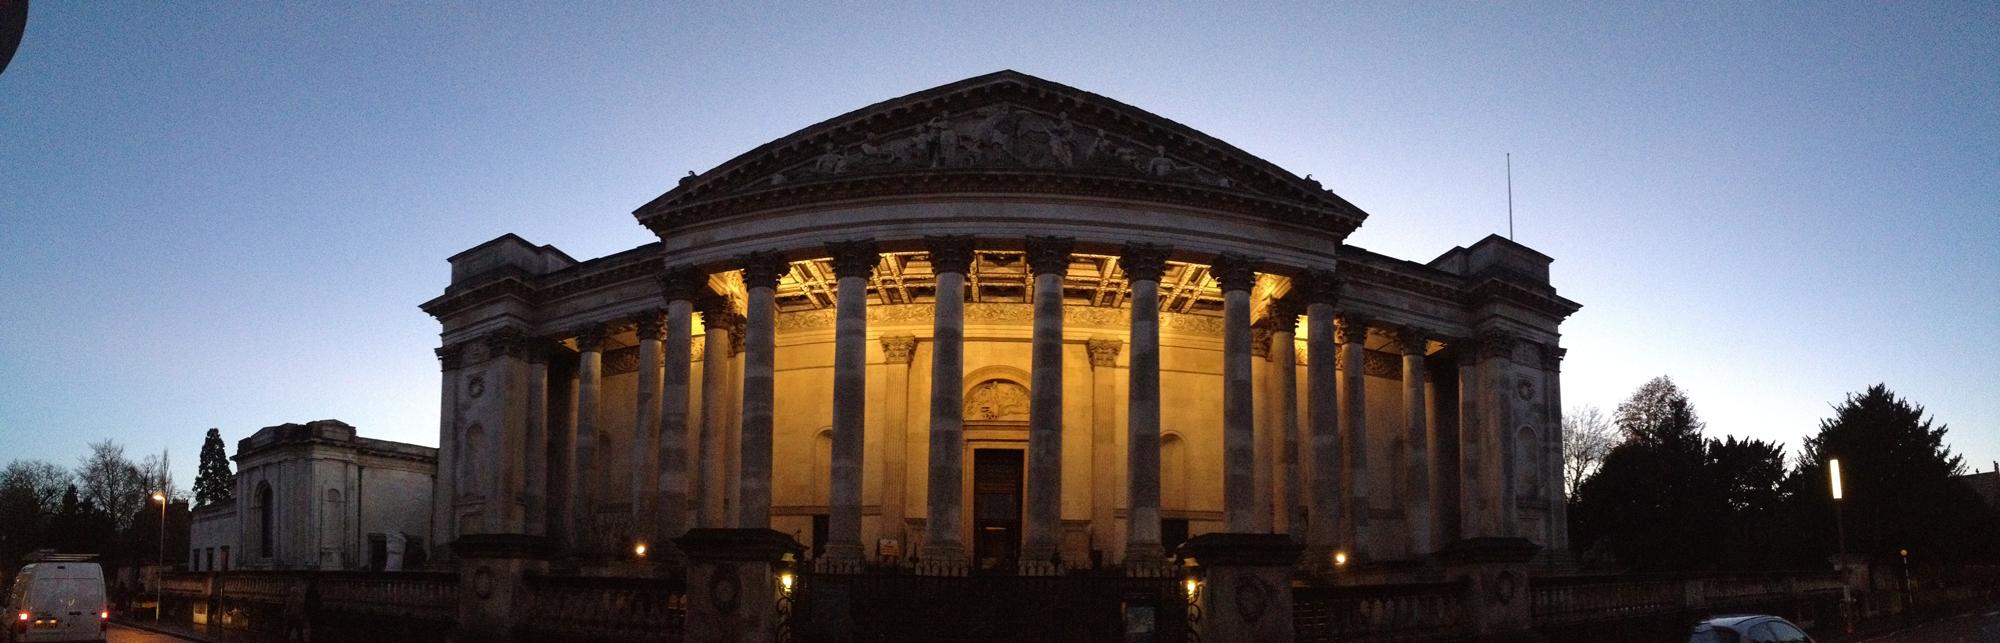 Fitzwilliam Museum Cambridge United Kingdom